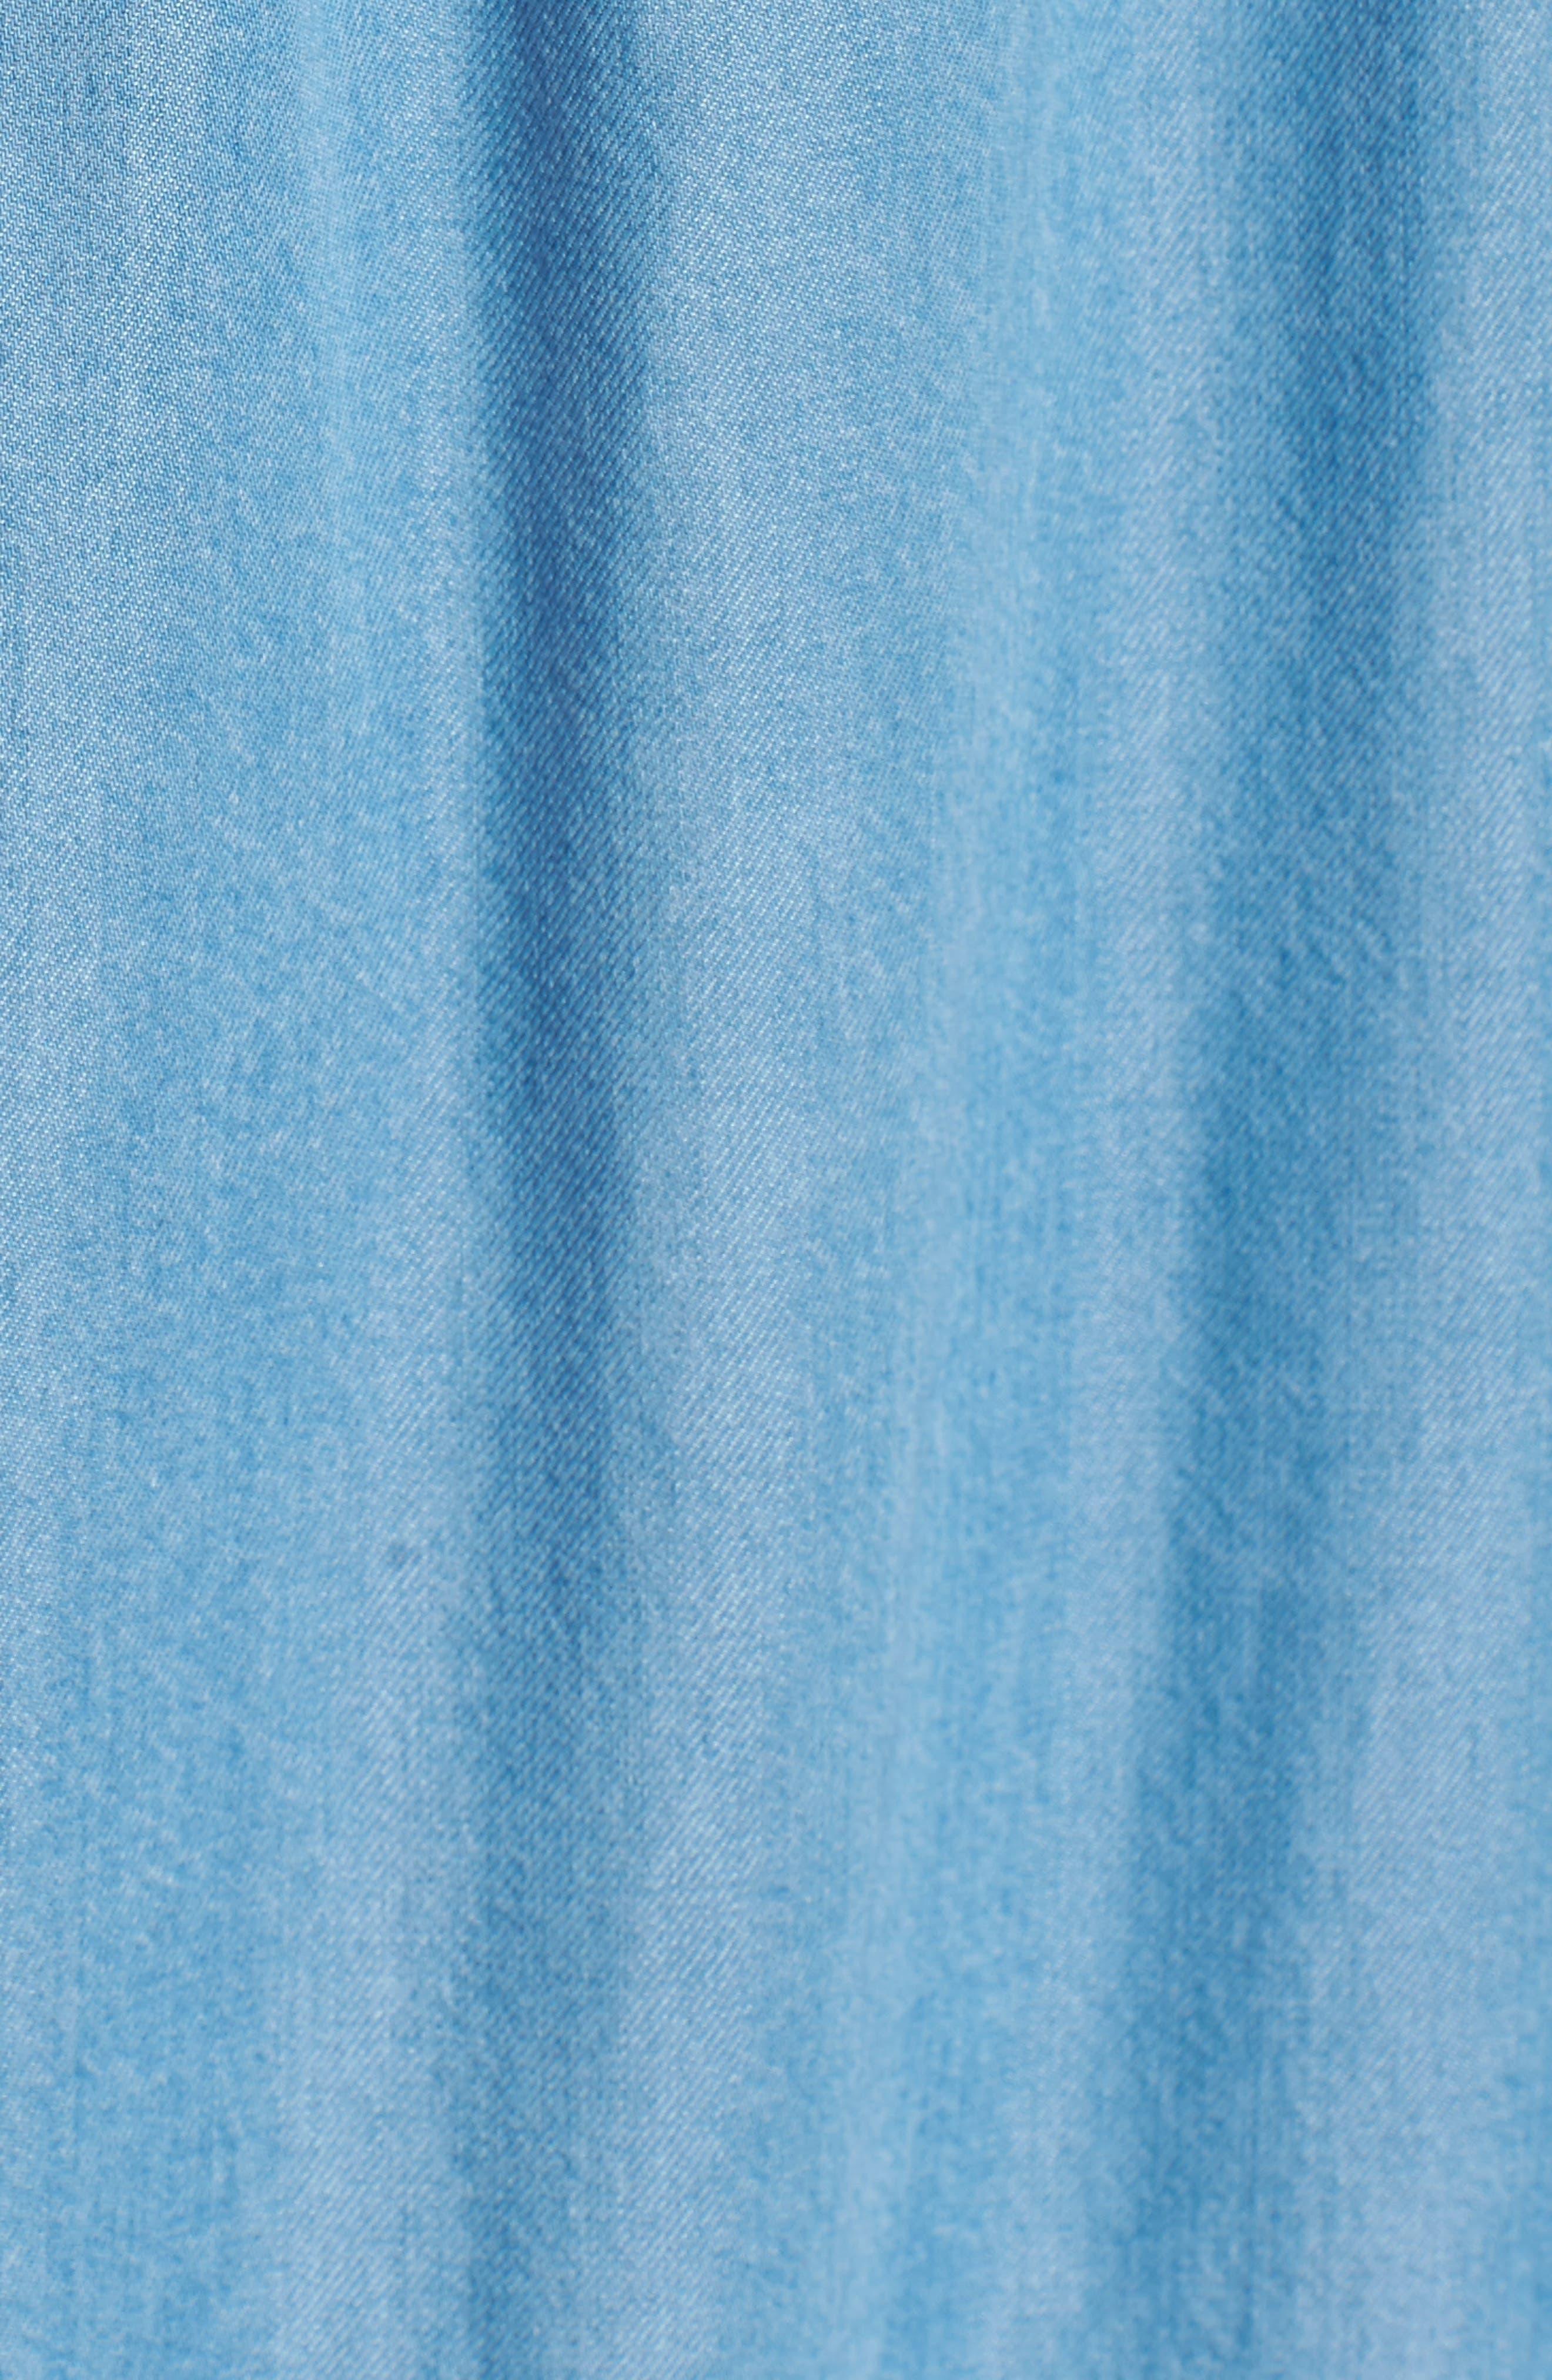 Blouson Off the Shoulder Shift Dress,                             Alternate thumbnail 5, color,                             Pacific Blue Sky